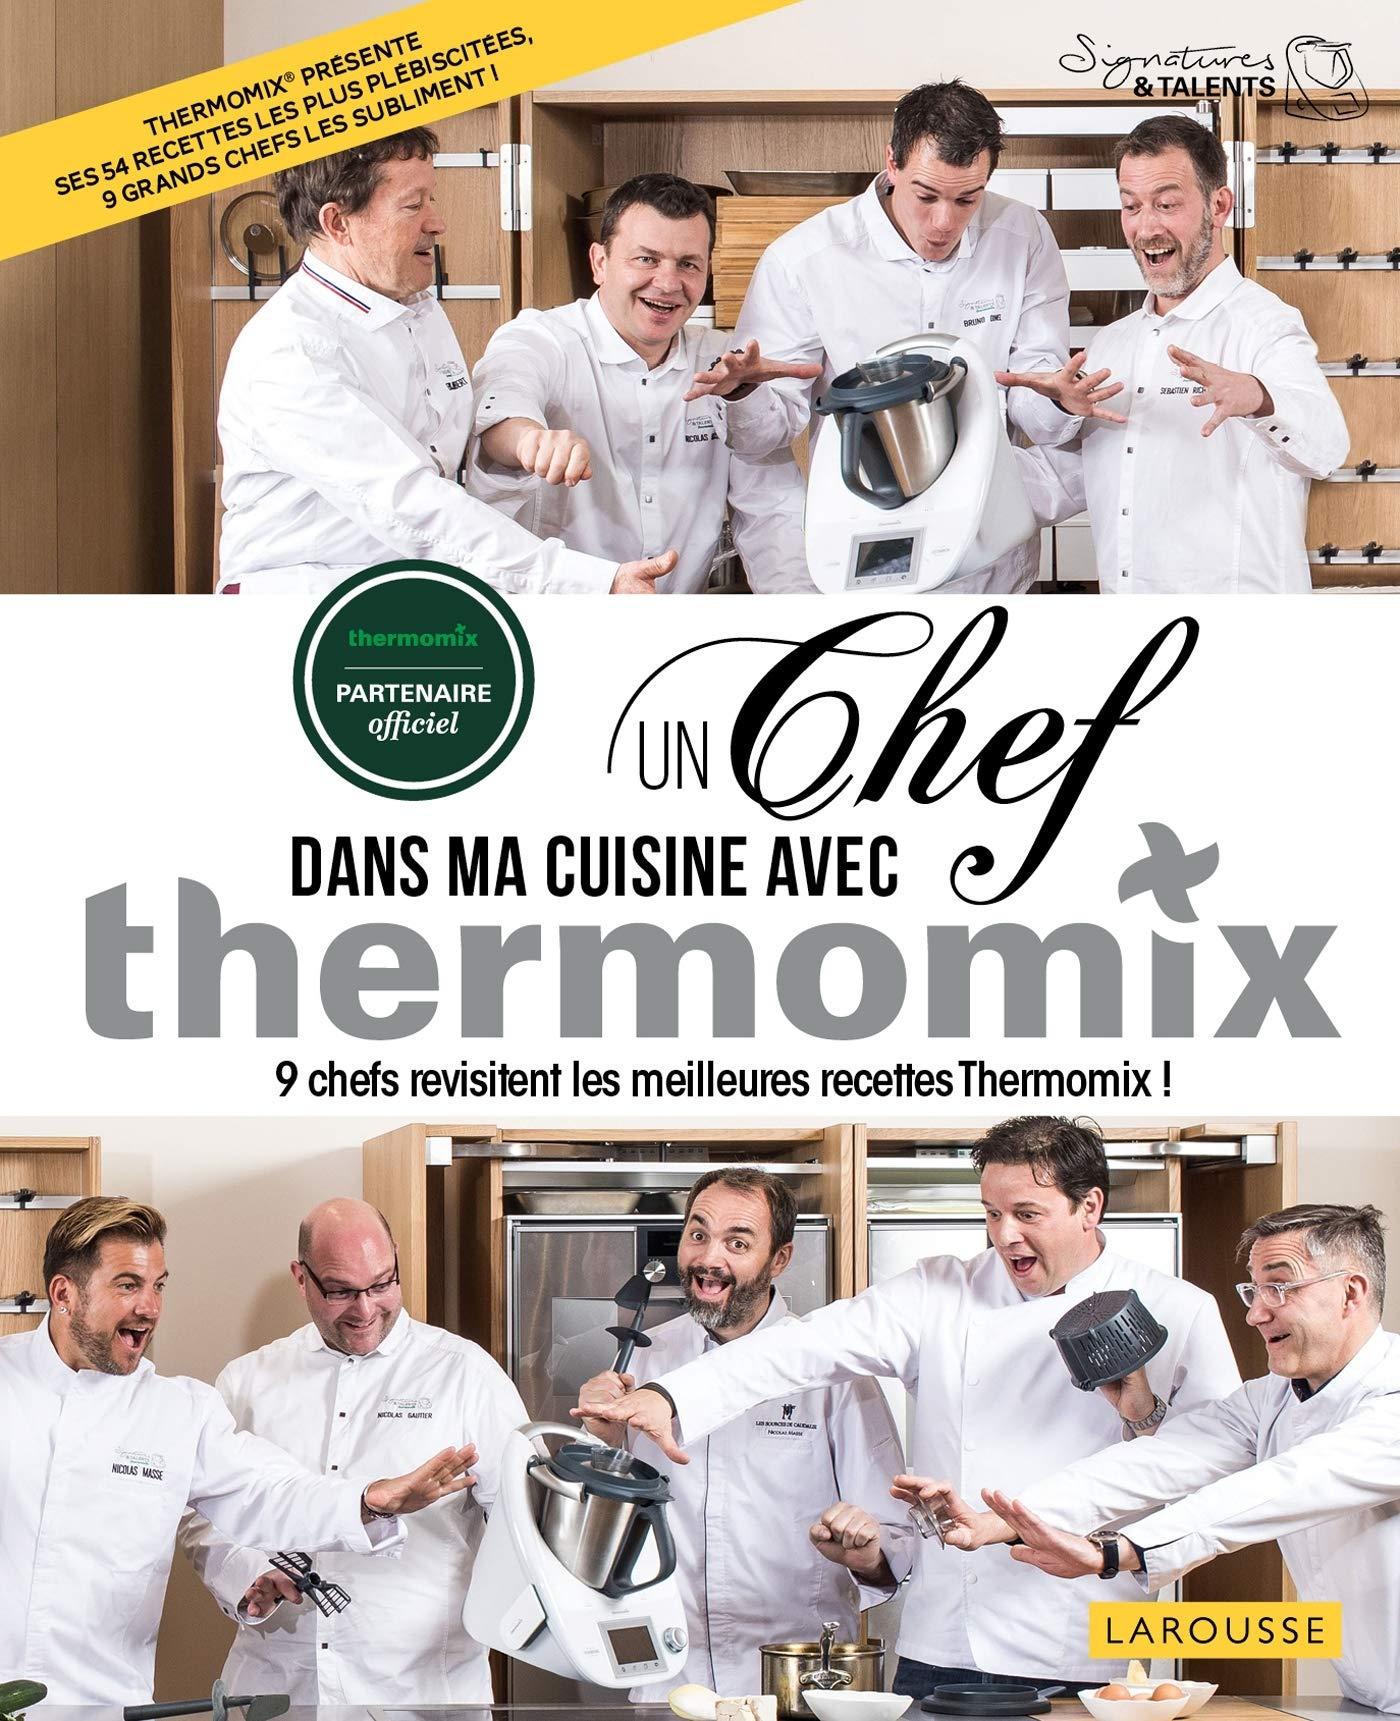 Un Chef Dans Ma Cuisine Avec Thermomix 9 Chefs Revisitent Les